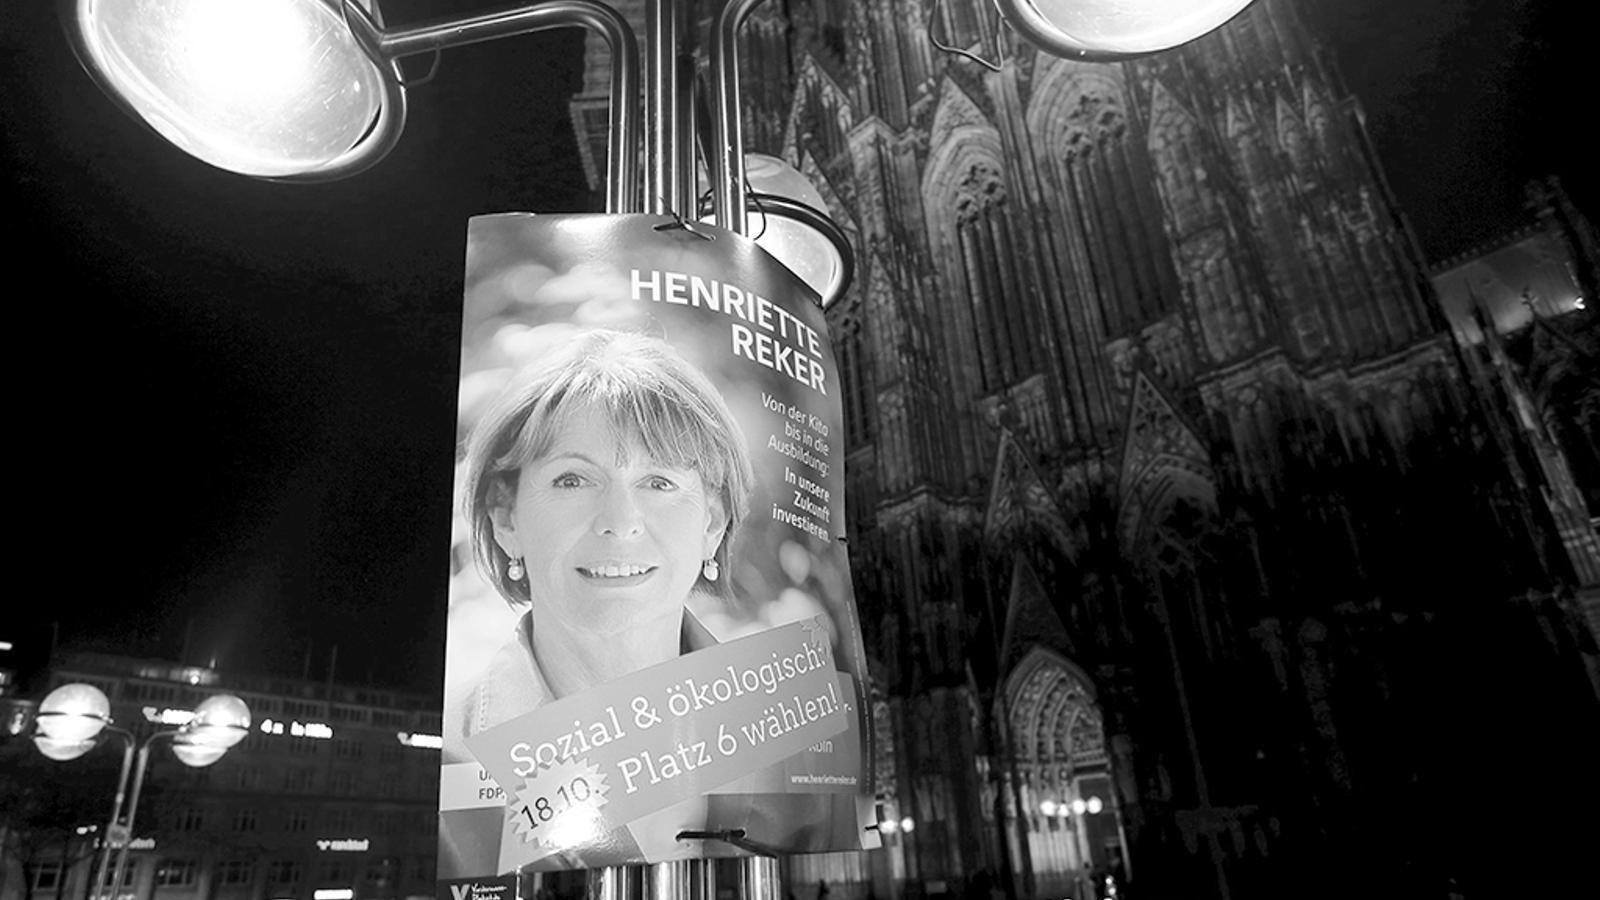 L'editorial d'Antoni Bassas: Henriette Reker, exemple de dignitat (19/10/15)